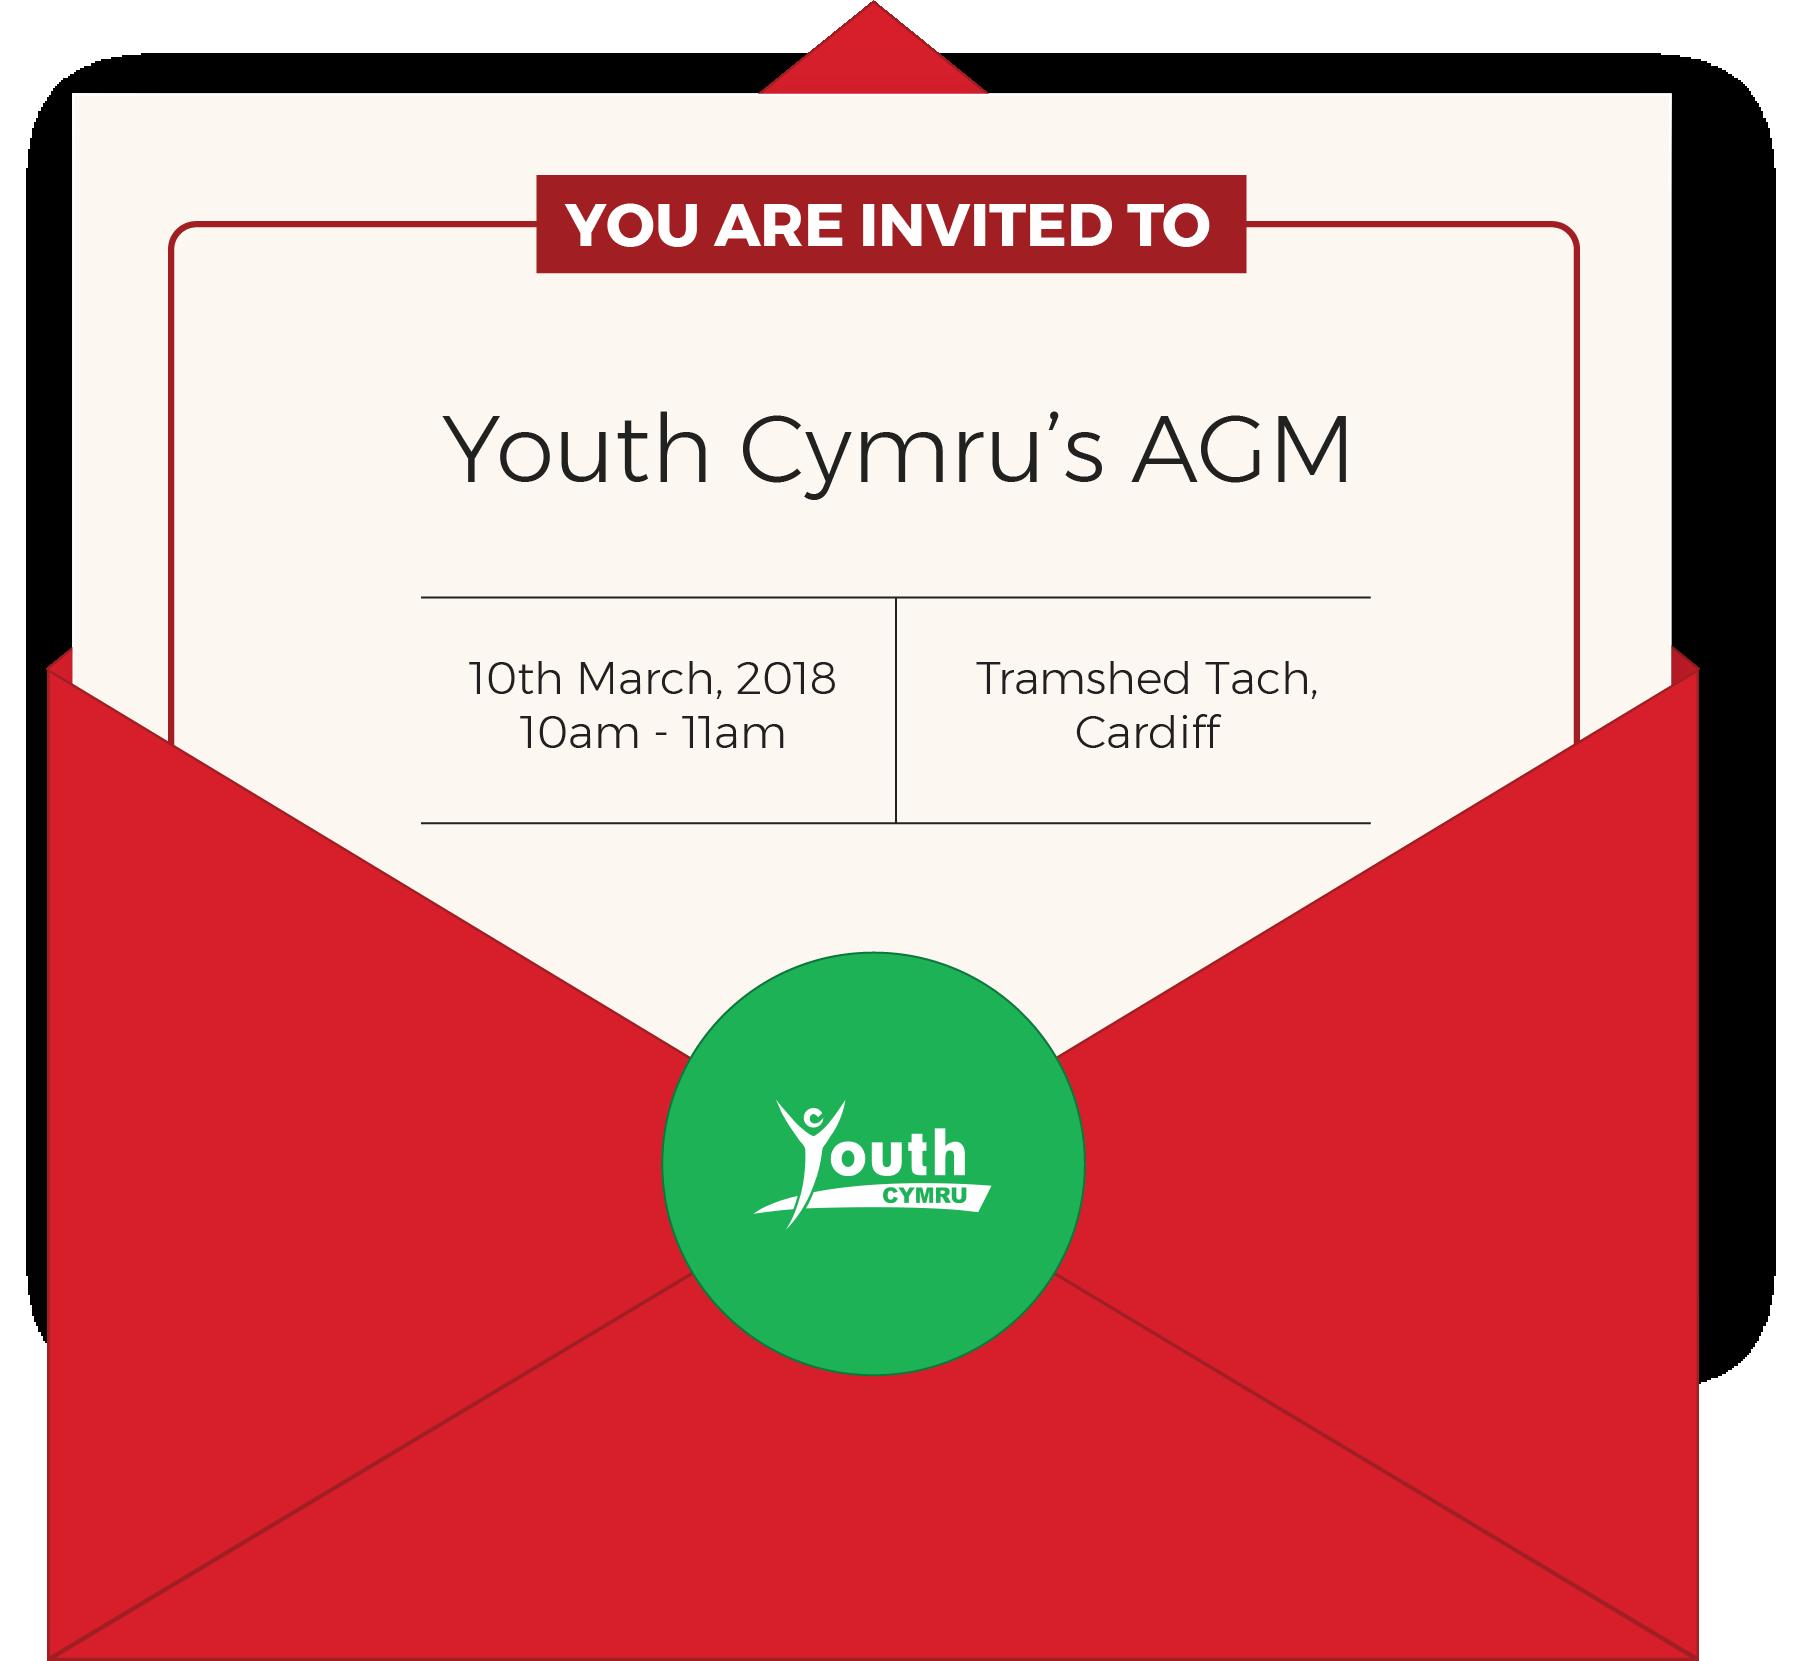 Youth Cymru's AGM